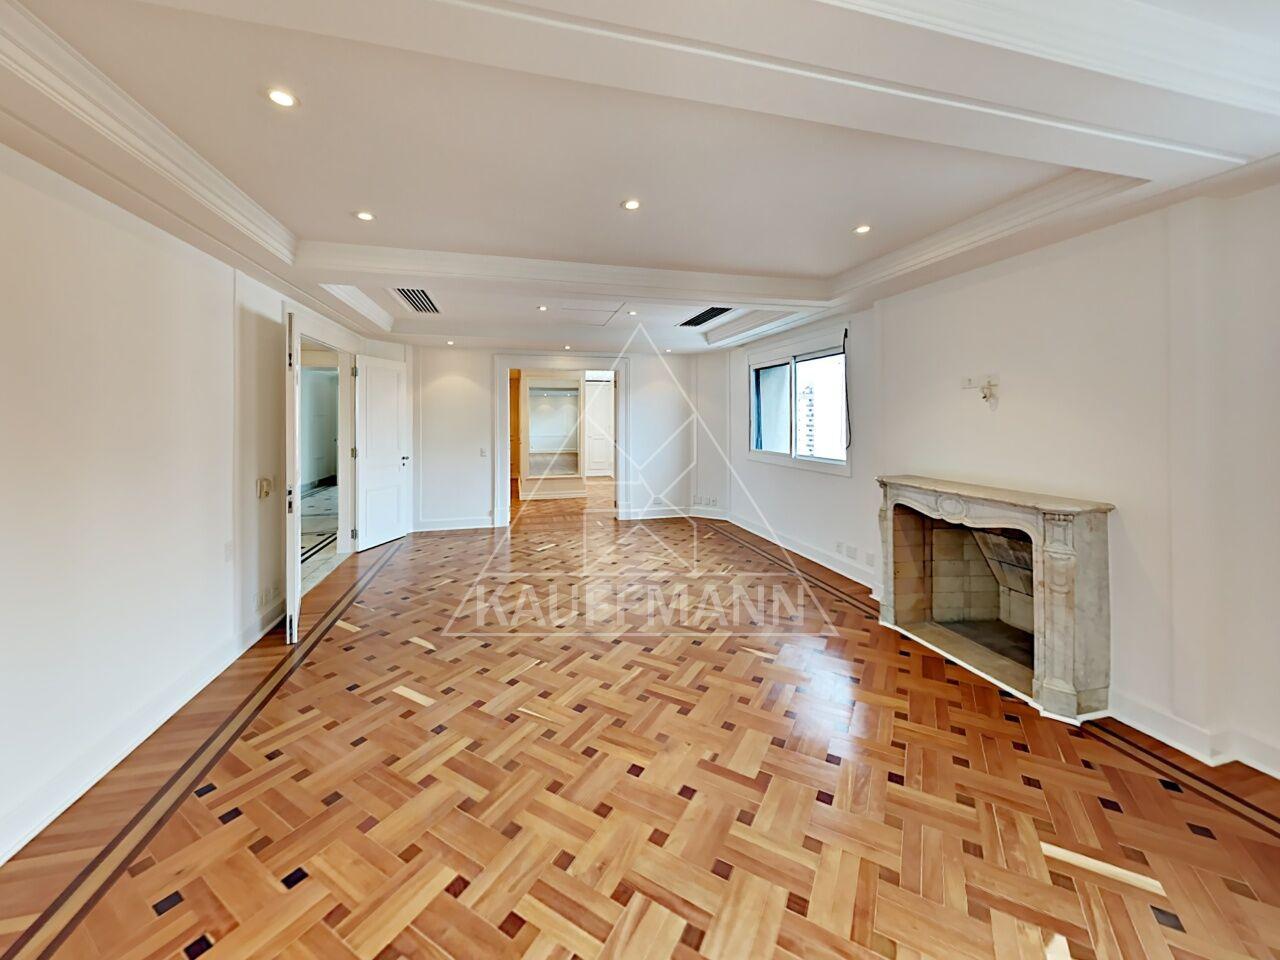 apartamento-venda-sao-paulo-jardim-america-regency-6dormitorios-6suites-7vagas-1099m2-Foto20